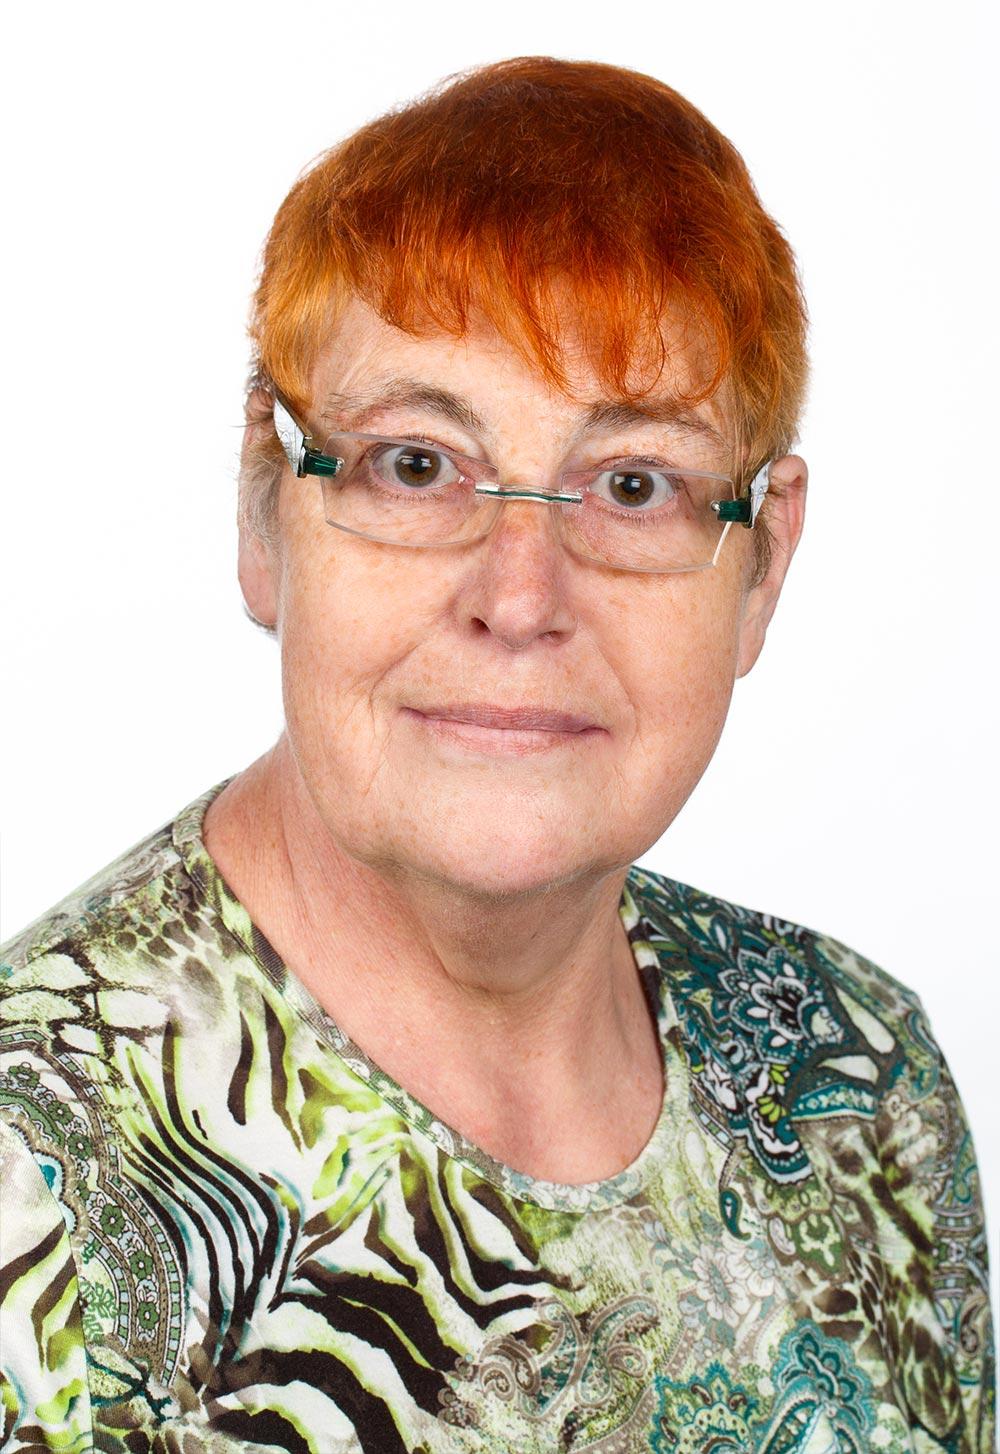 Frau Goebhardt